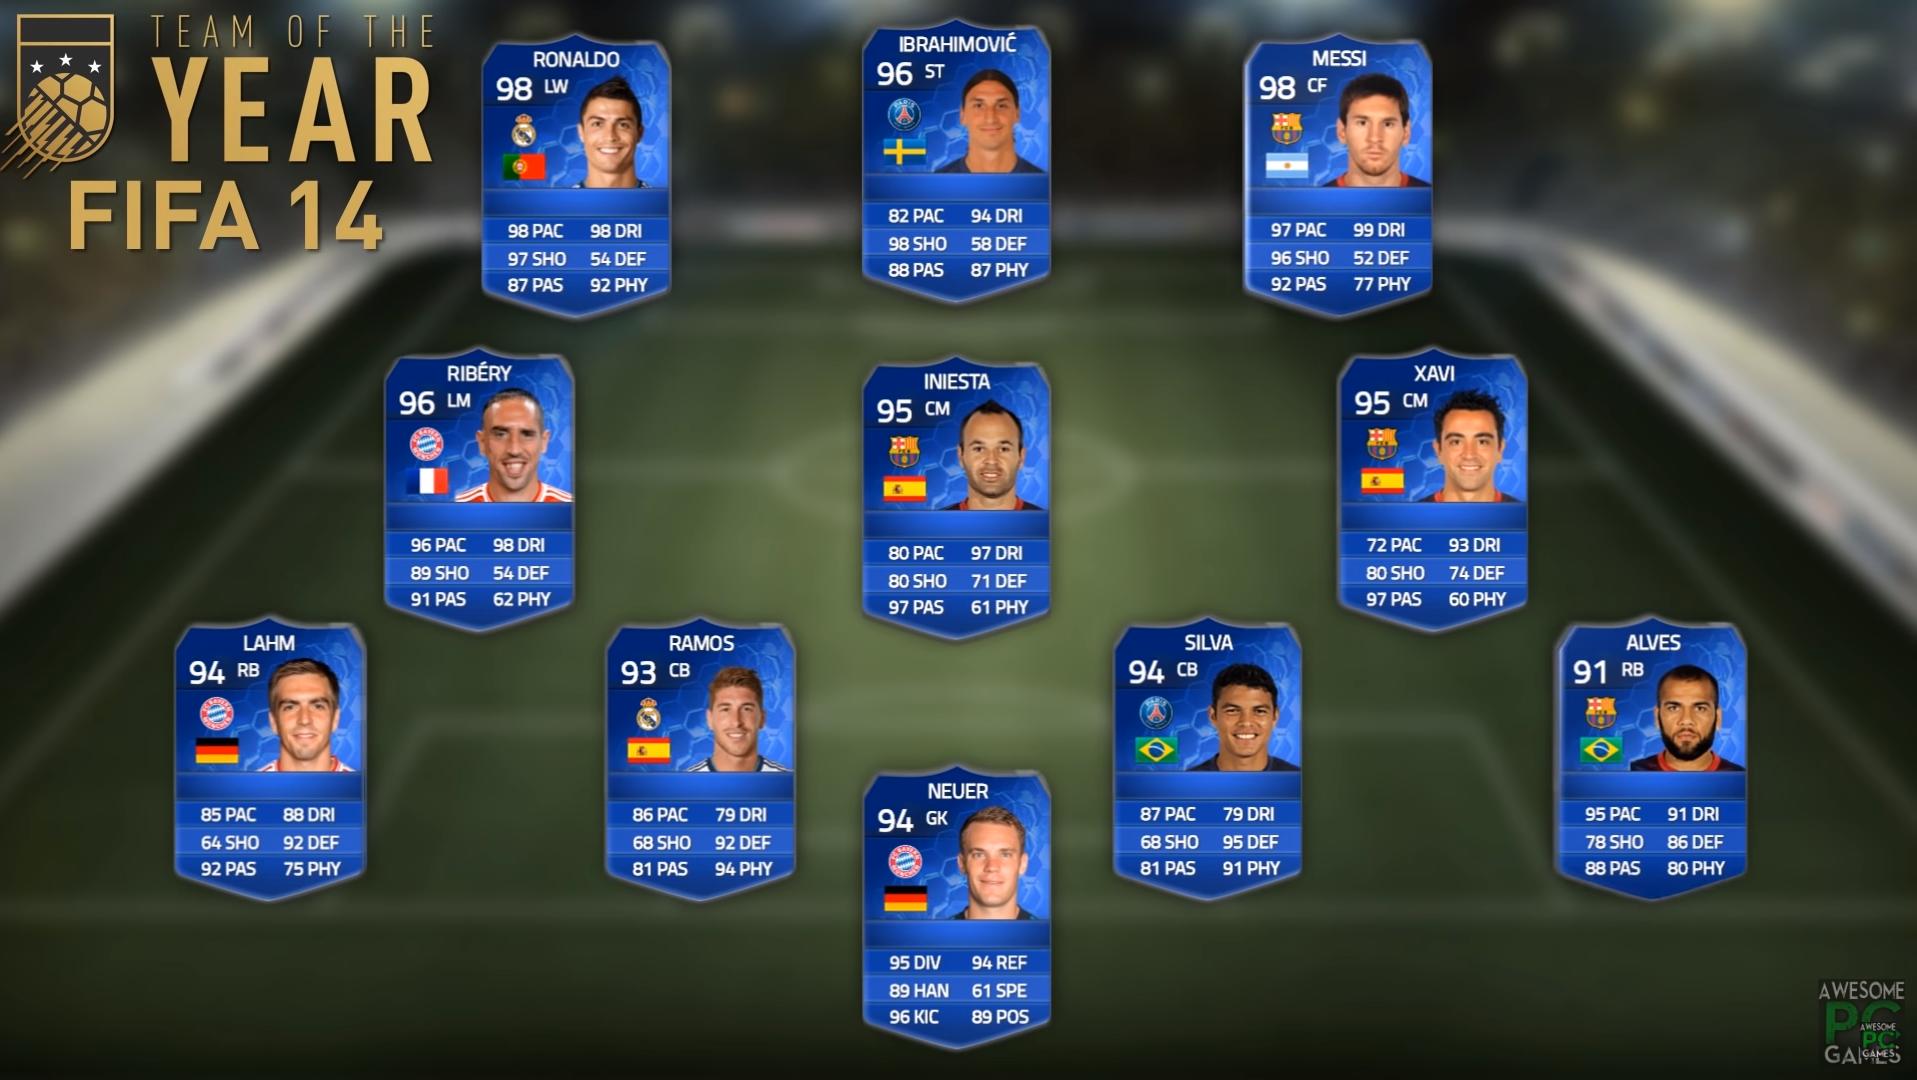 TOTY FIFA 14